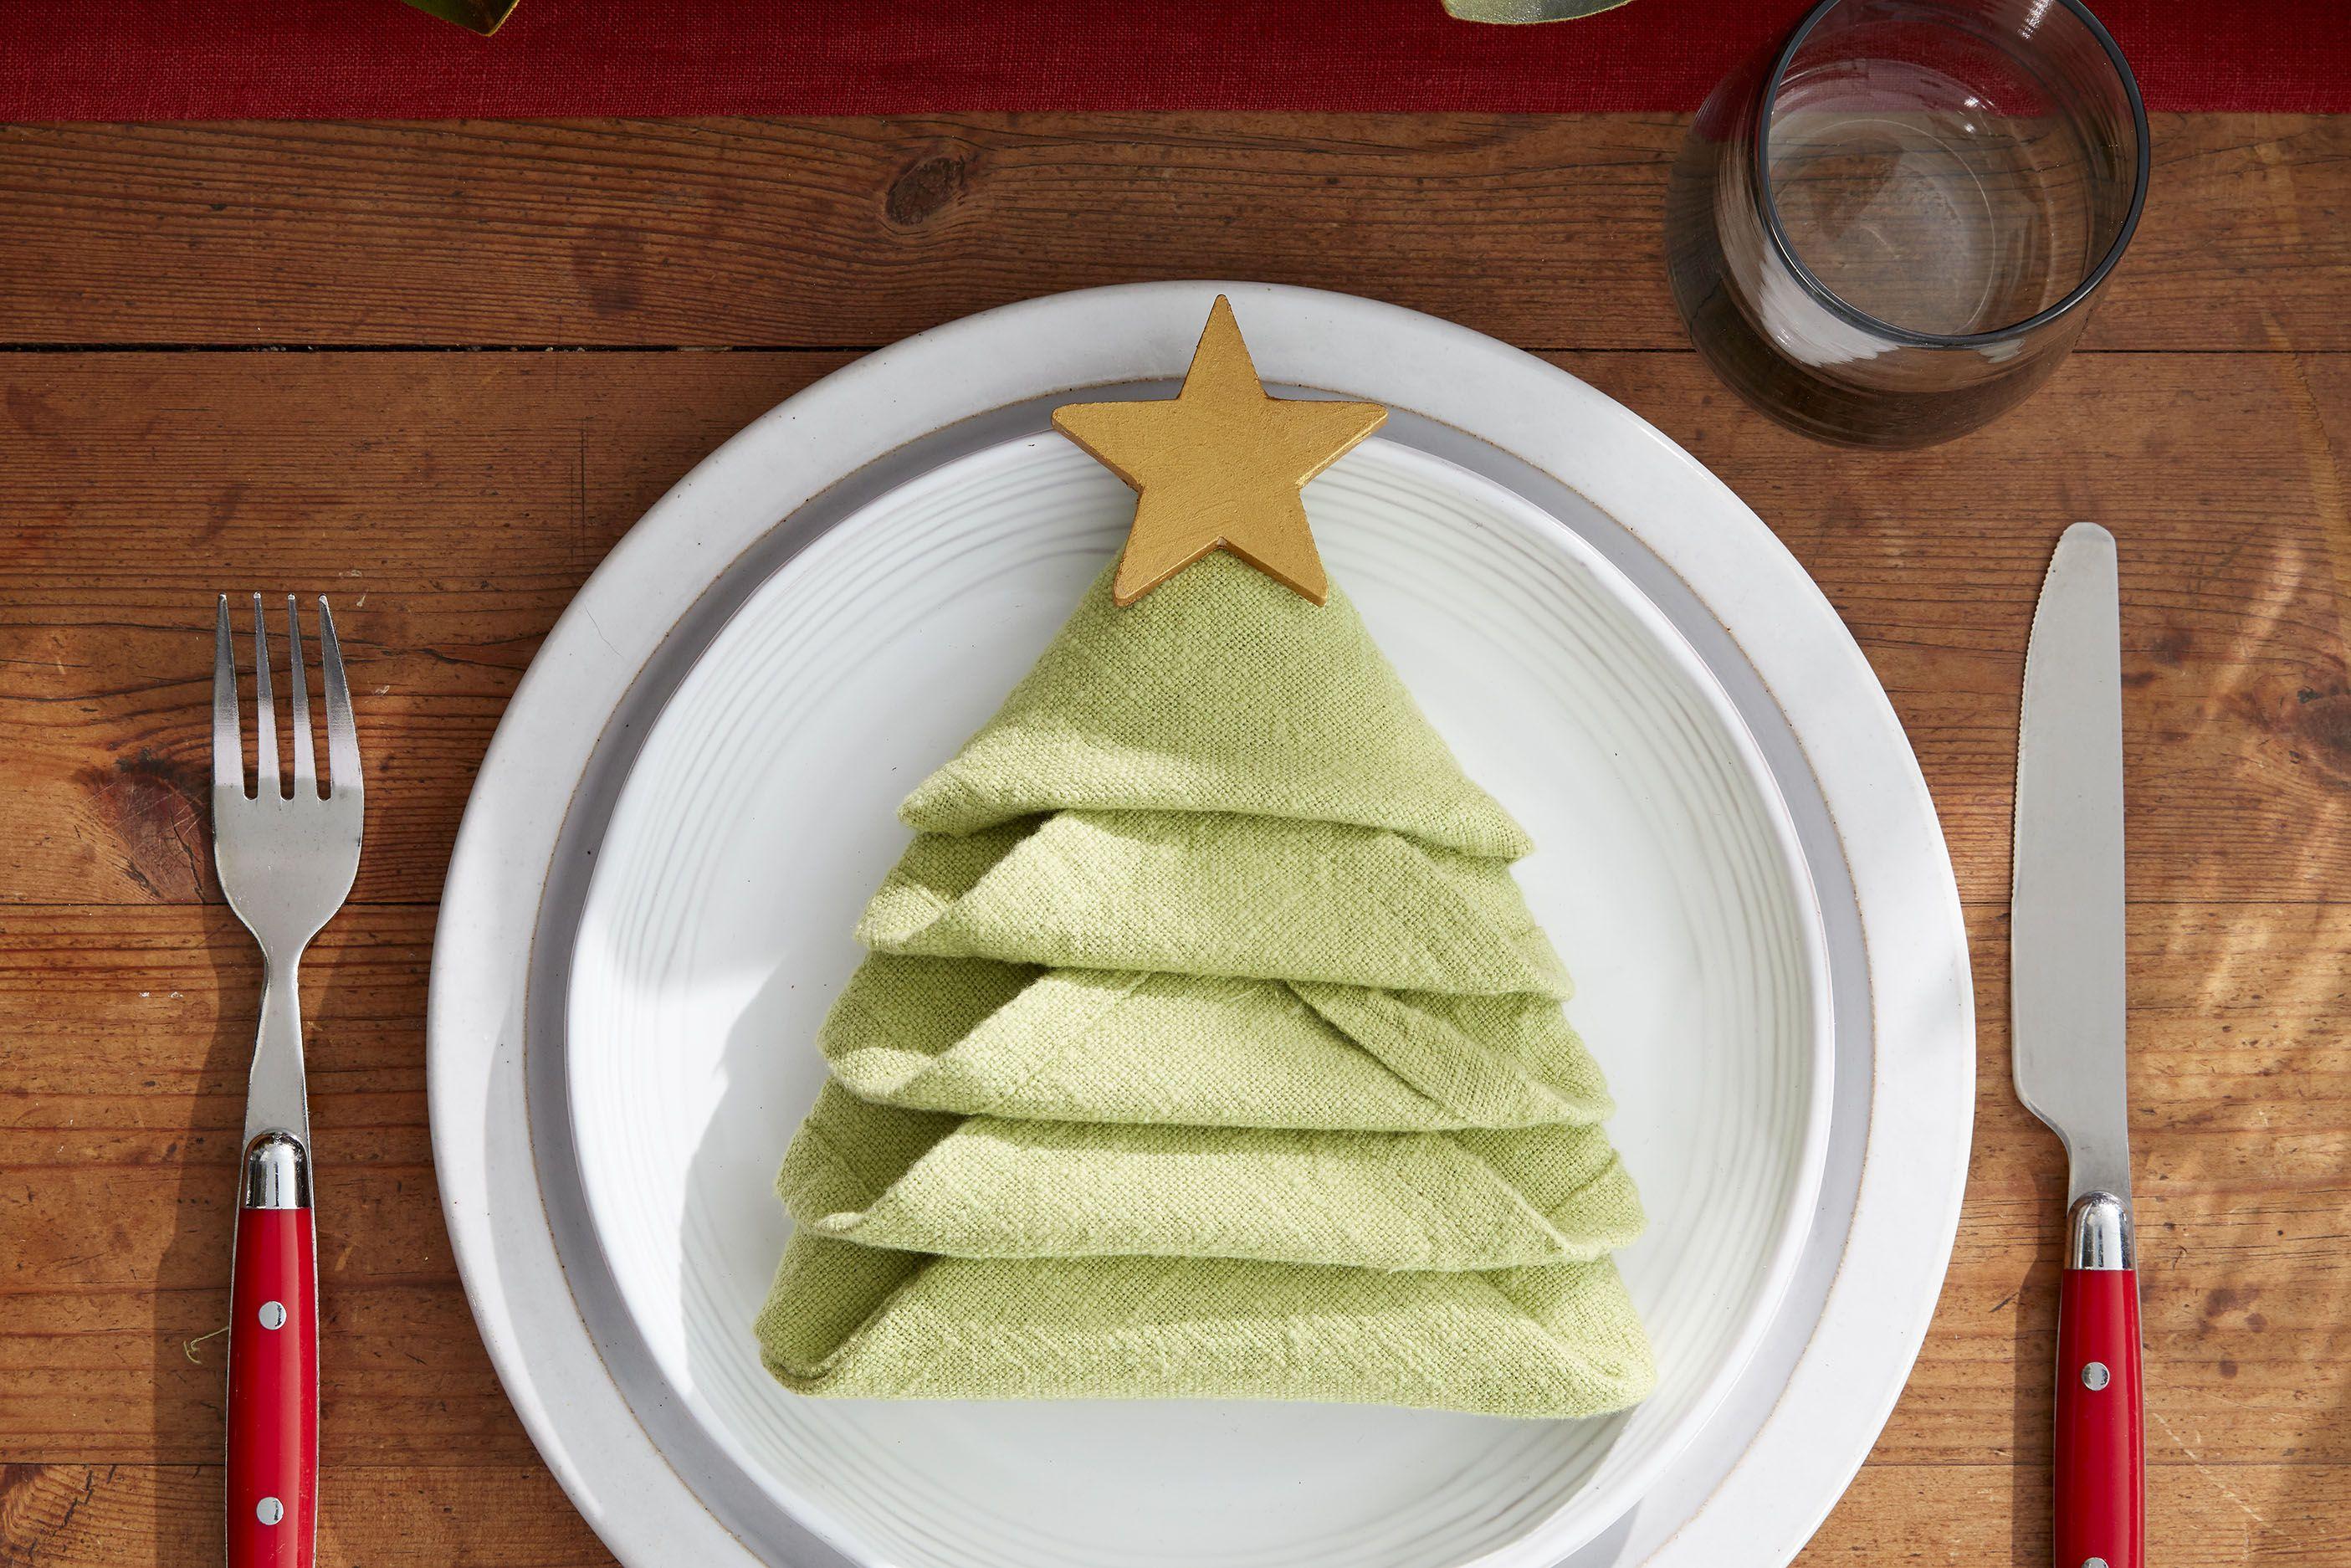 How To Make A Christmas Tree Napkin Fold All The Steps To Folding A Napkin Into A Diy Christmas Tree